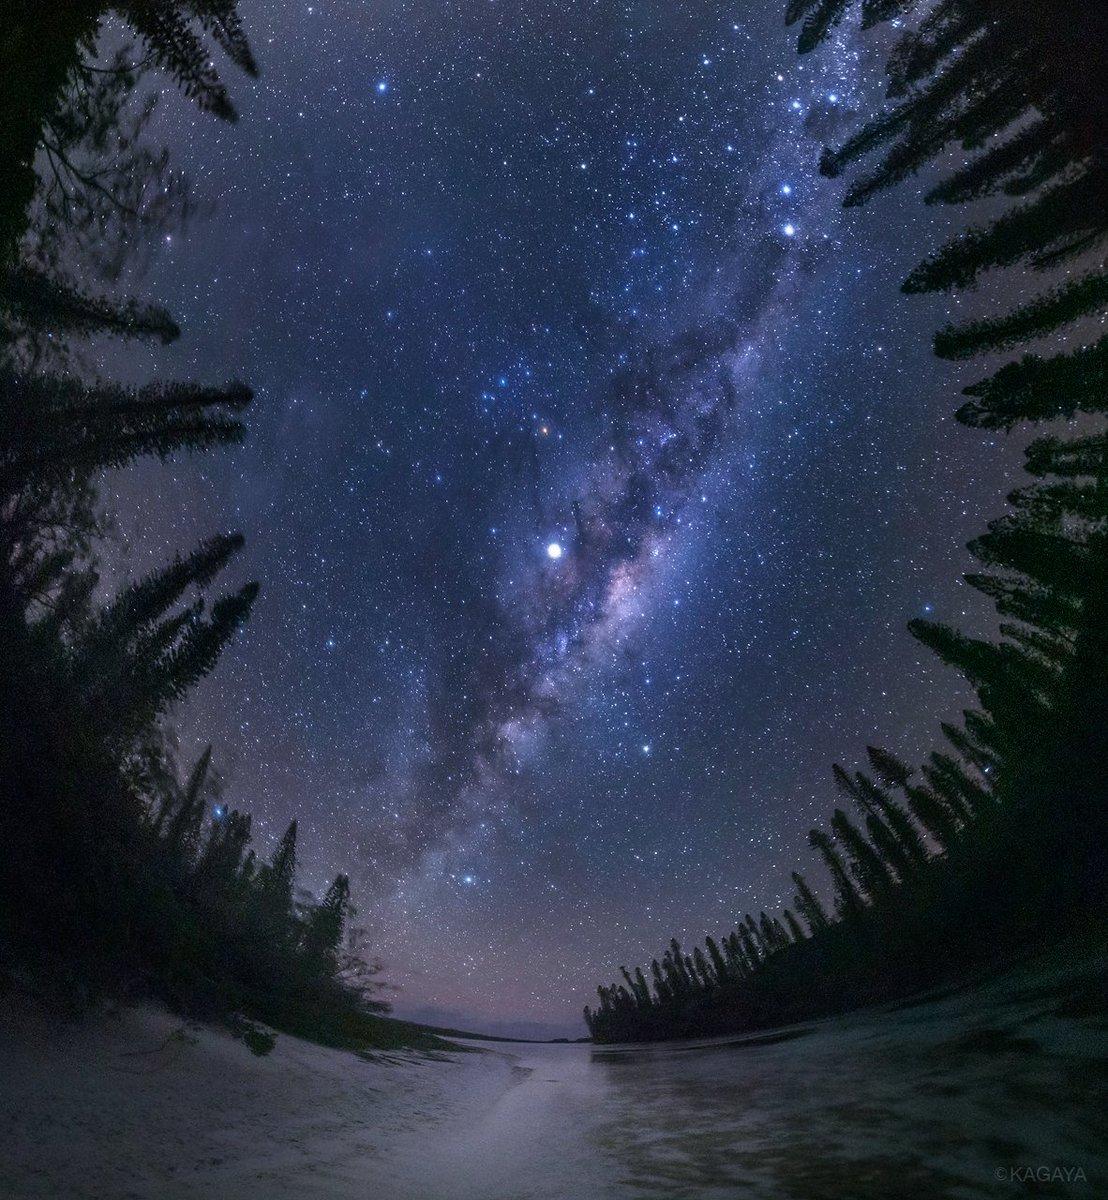 見上げれば、私たちの天の川銀河。 (先月、ニューカレドニアにて撮影) 今週もお疲れさまでした。おだやかな週末になりますように。